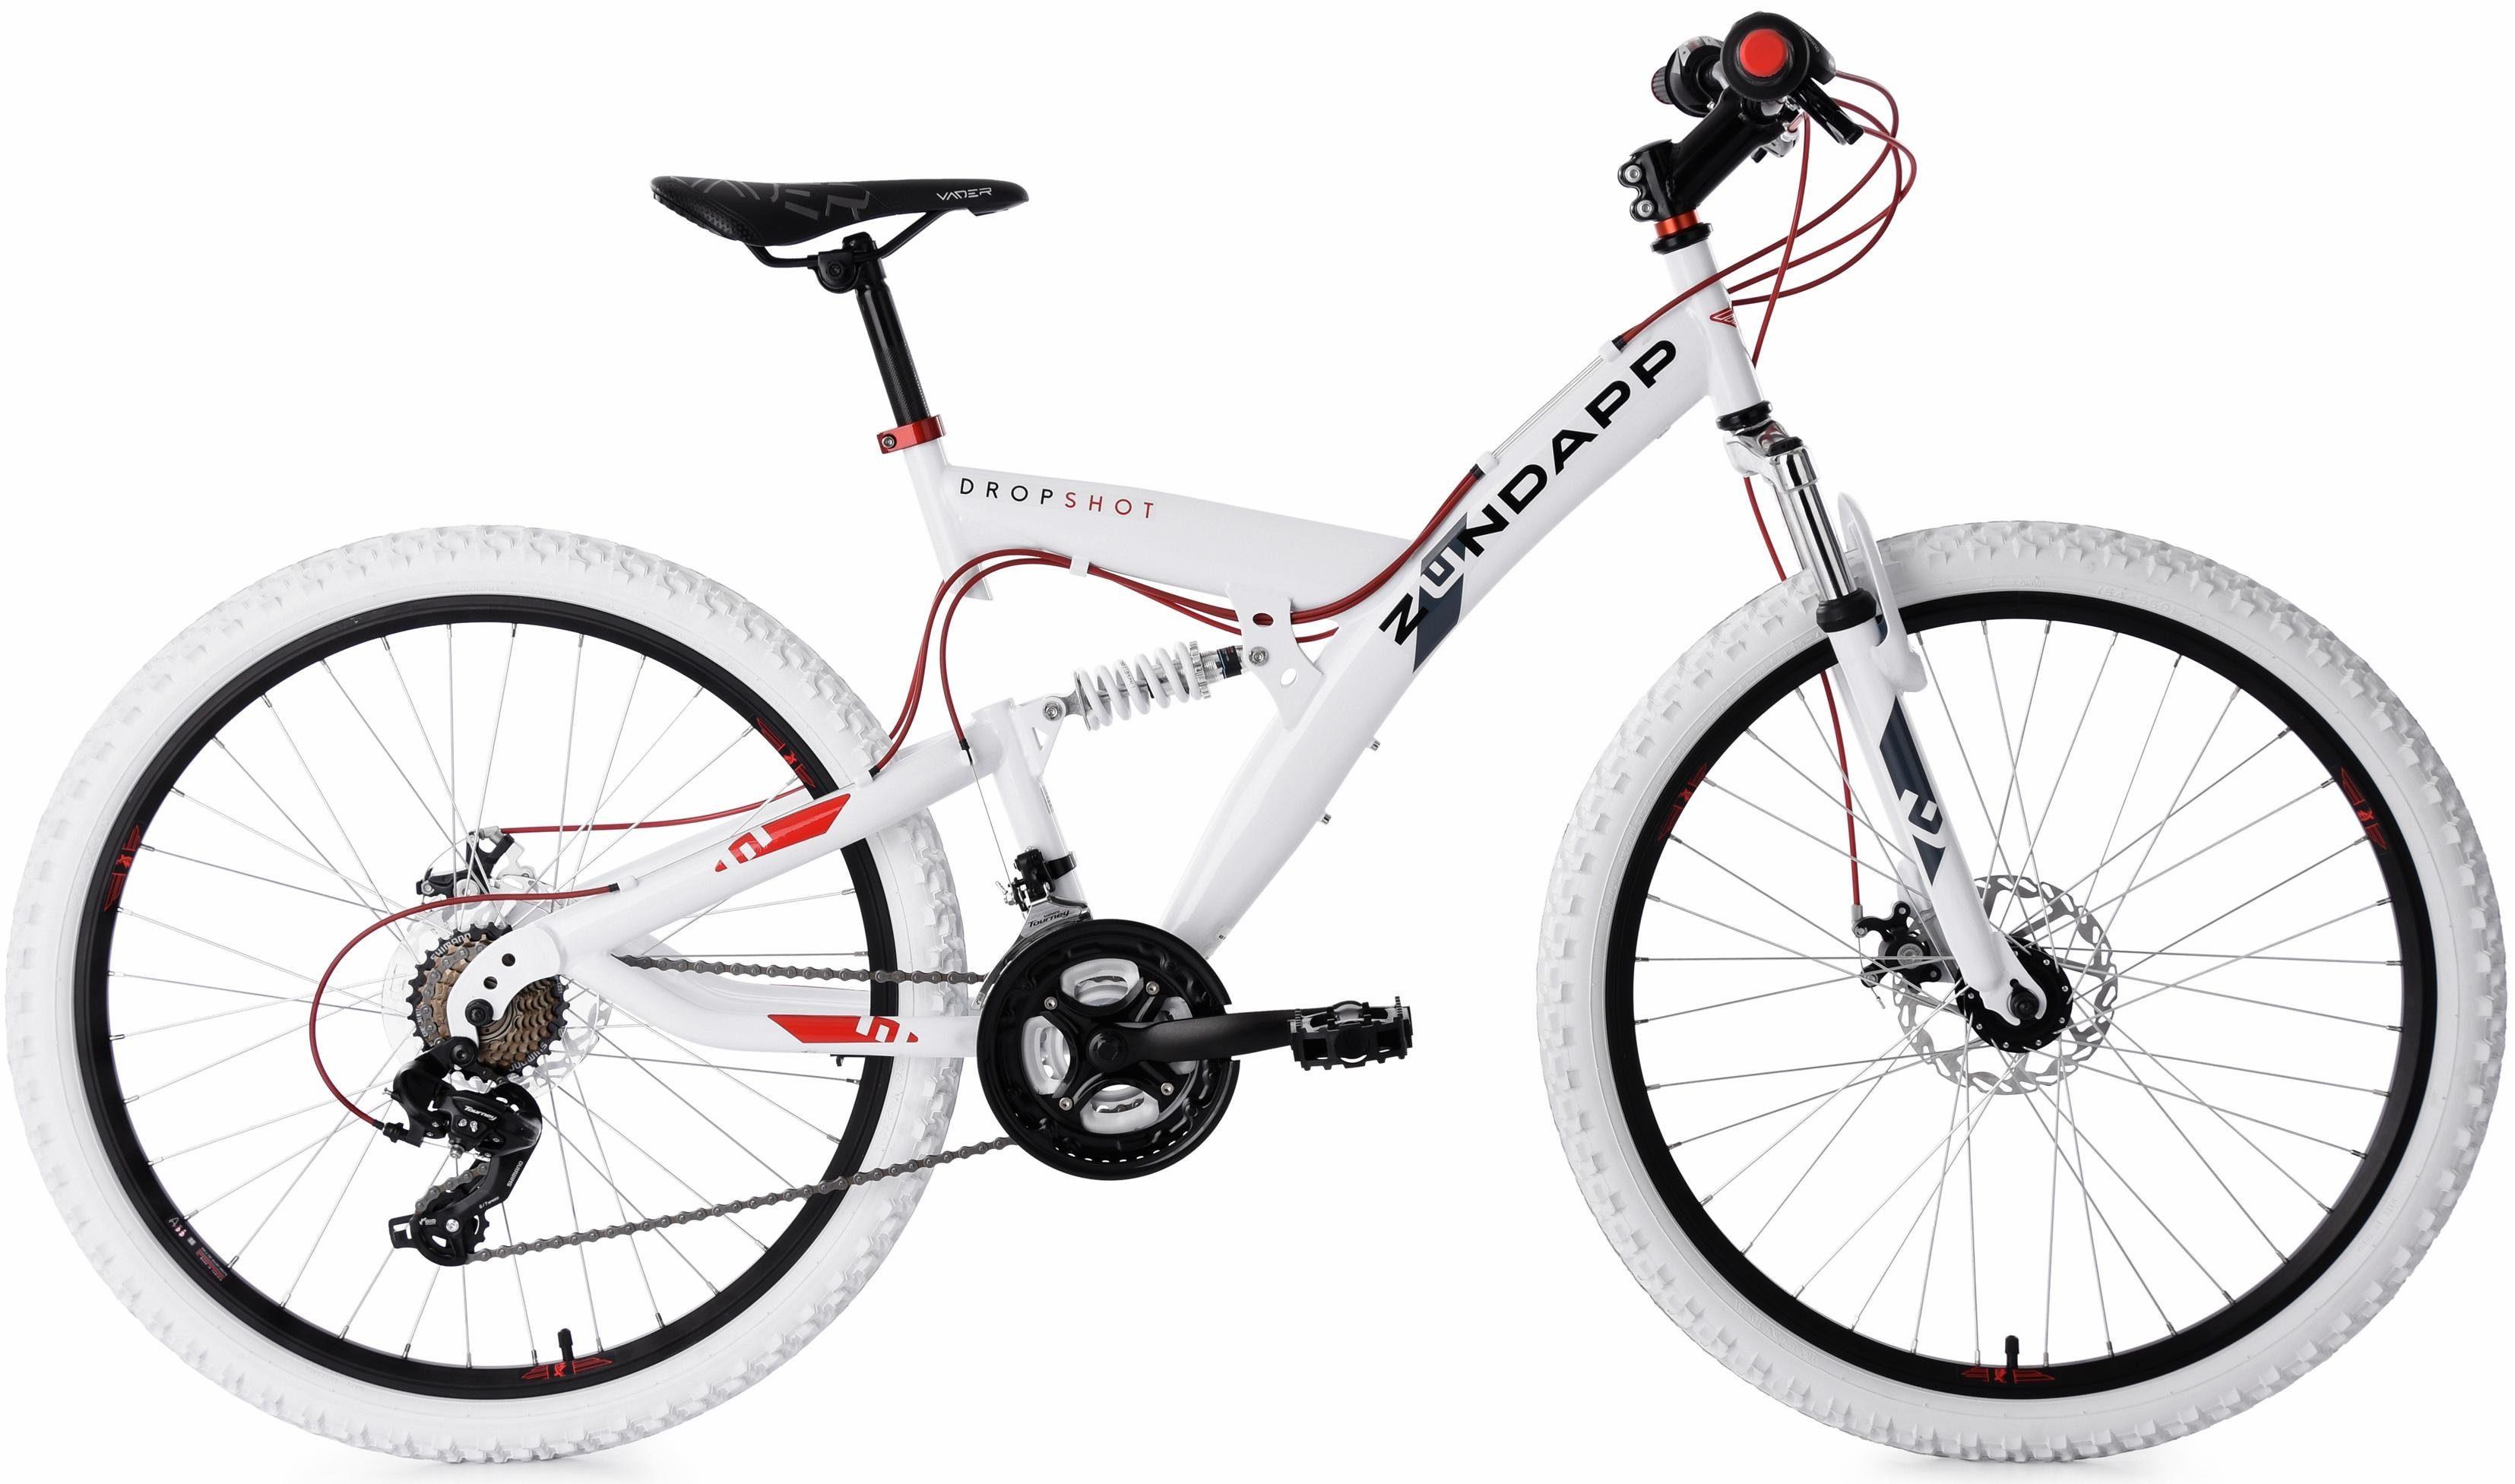 Zündapp Mountainbike »Dropshot«, 21 Gang Shimano Tourney Schaltwerk, Kettenschaltung